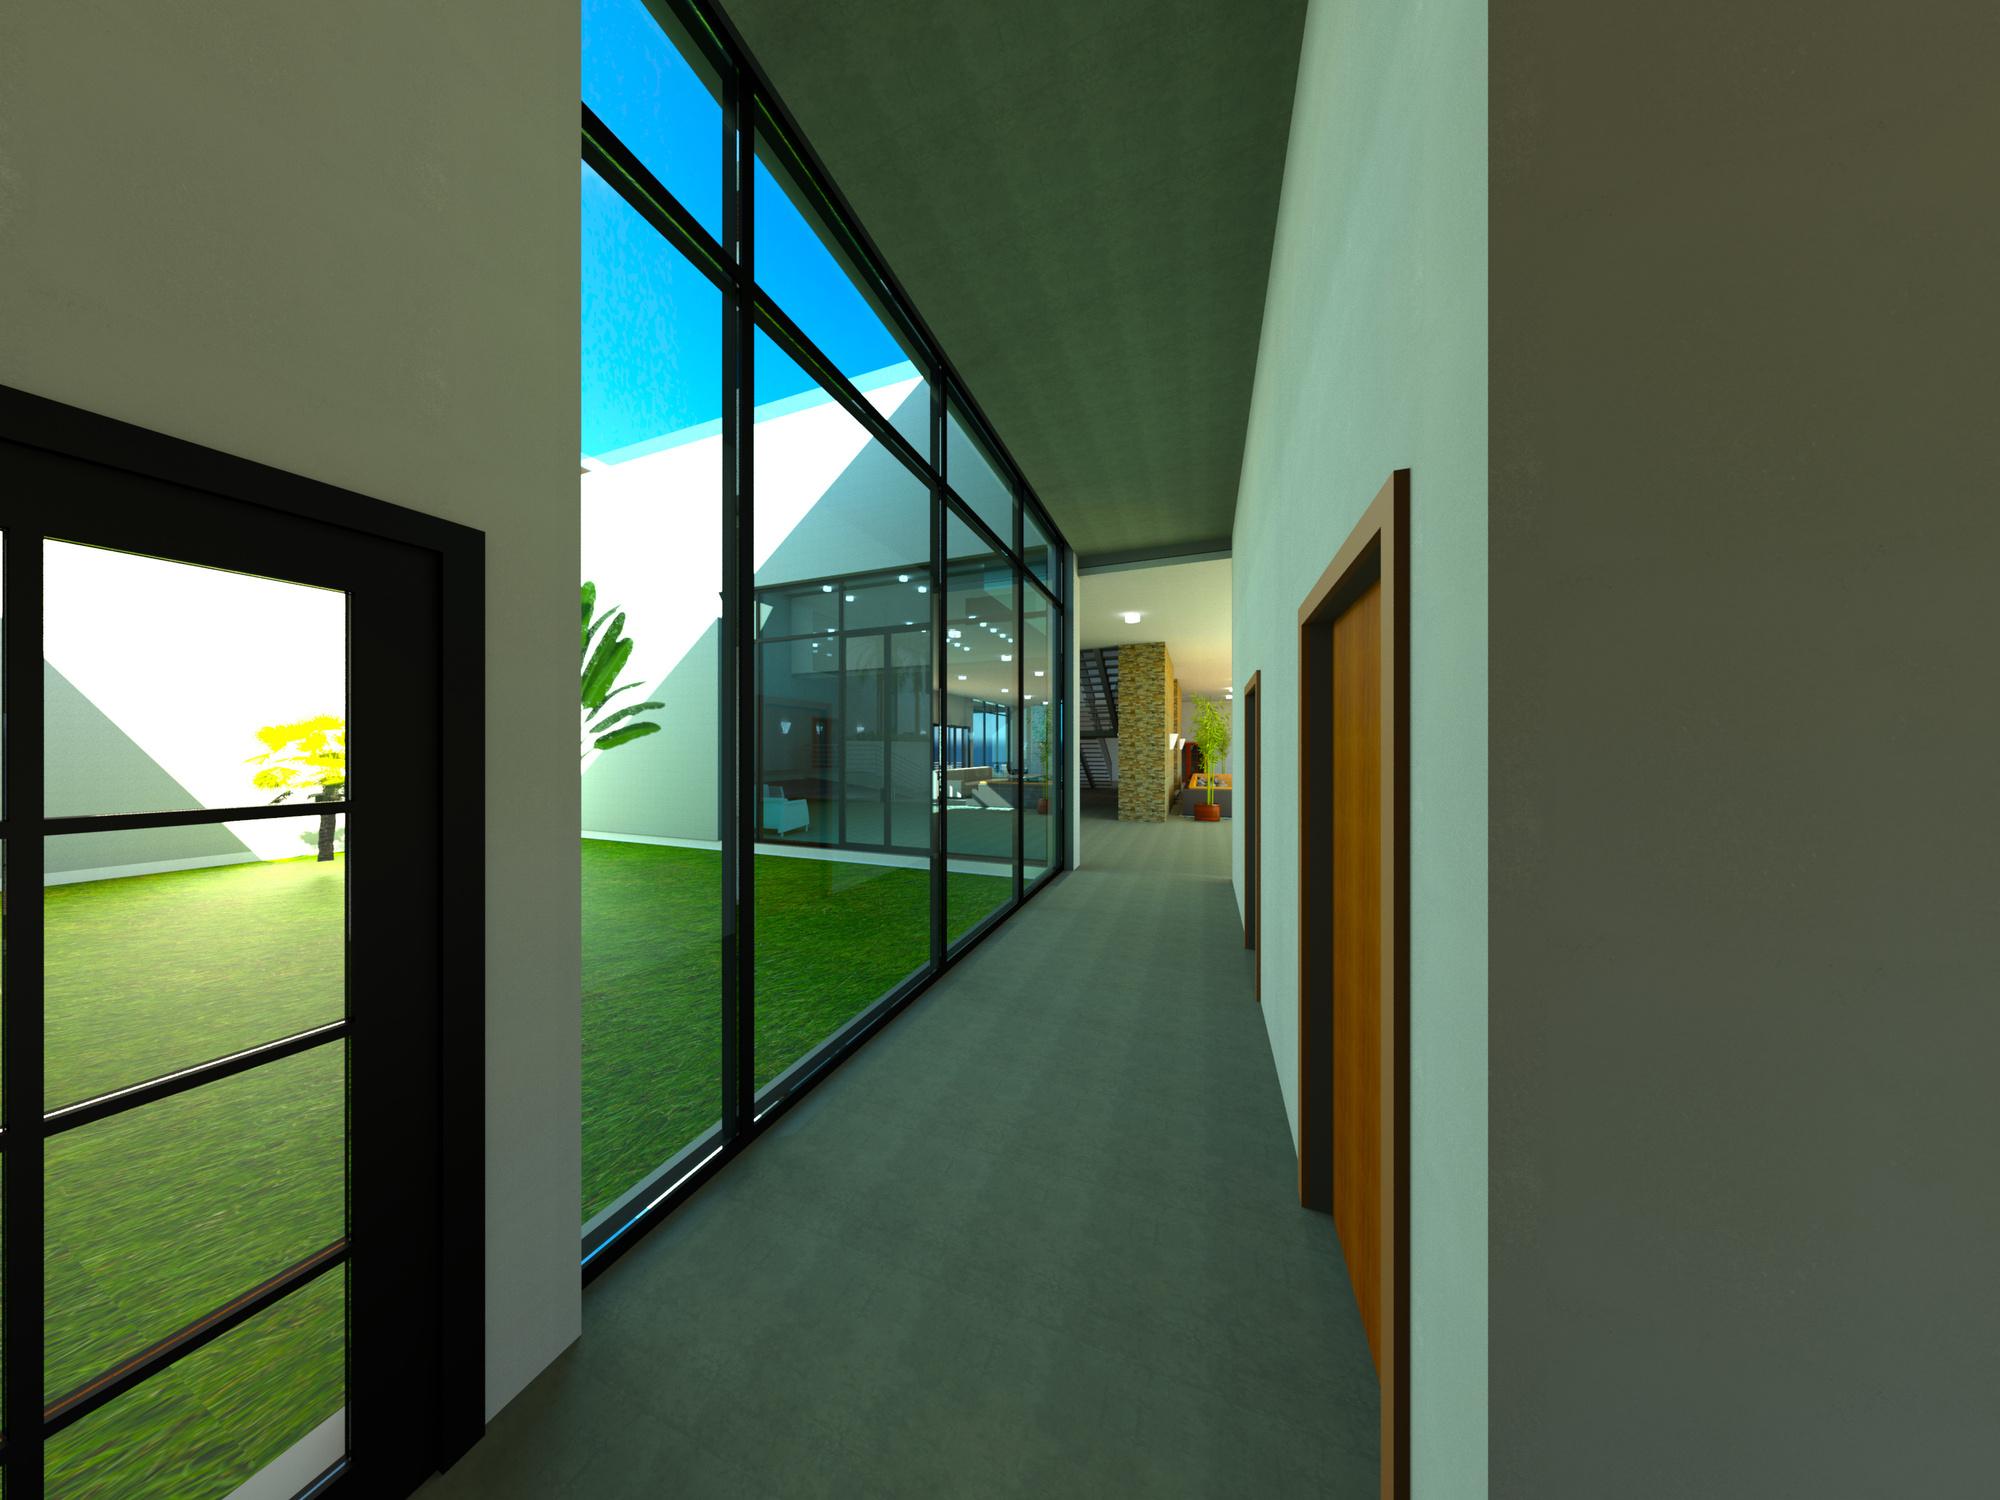 Raas-rendering20150521-32666-gi0owr